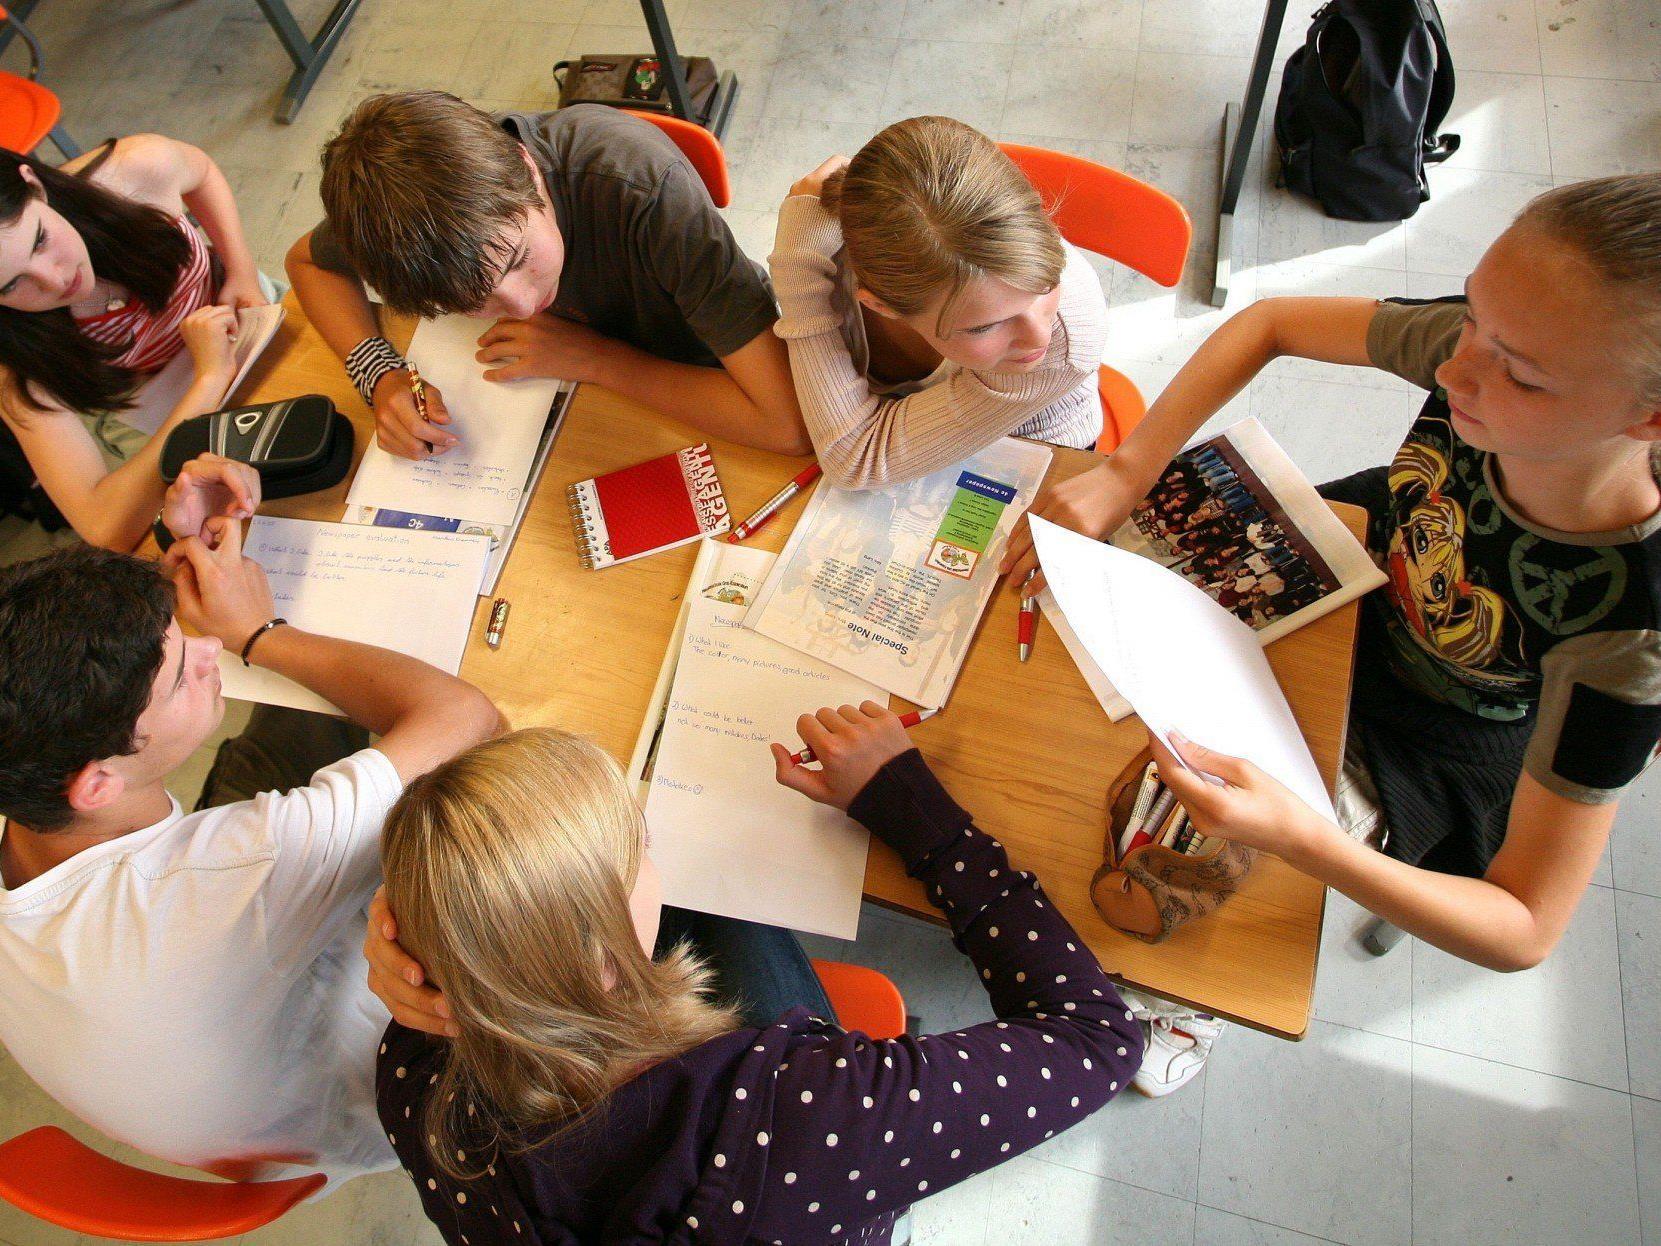 Größere Schülergruppen, weniger Lehrer? Sind solche Maßnahmen vertretbar?